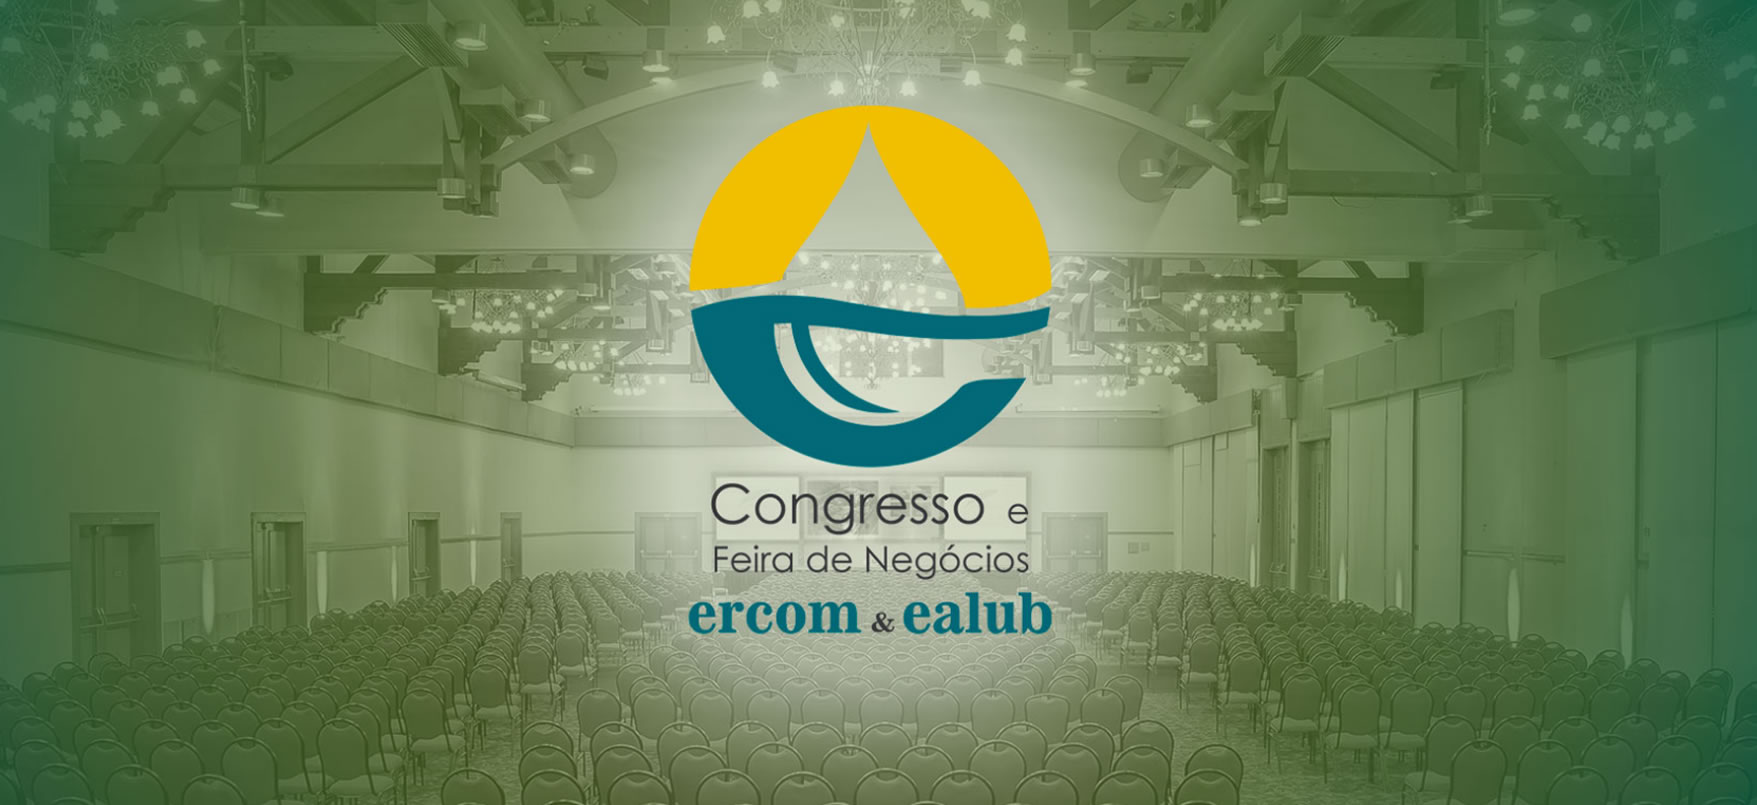 ercom_e_ealub